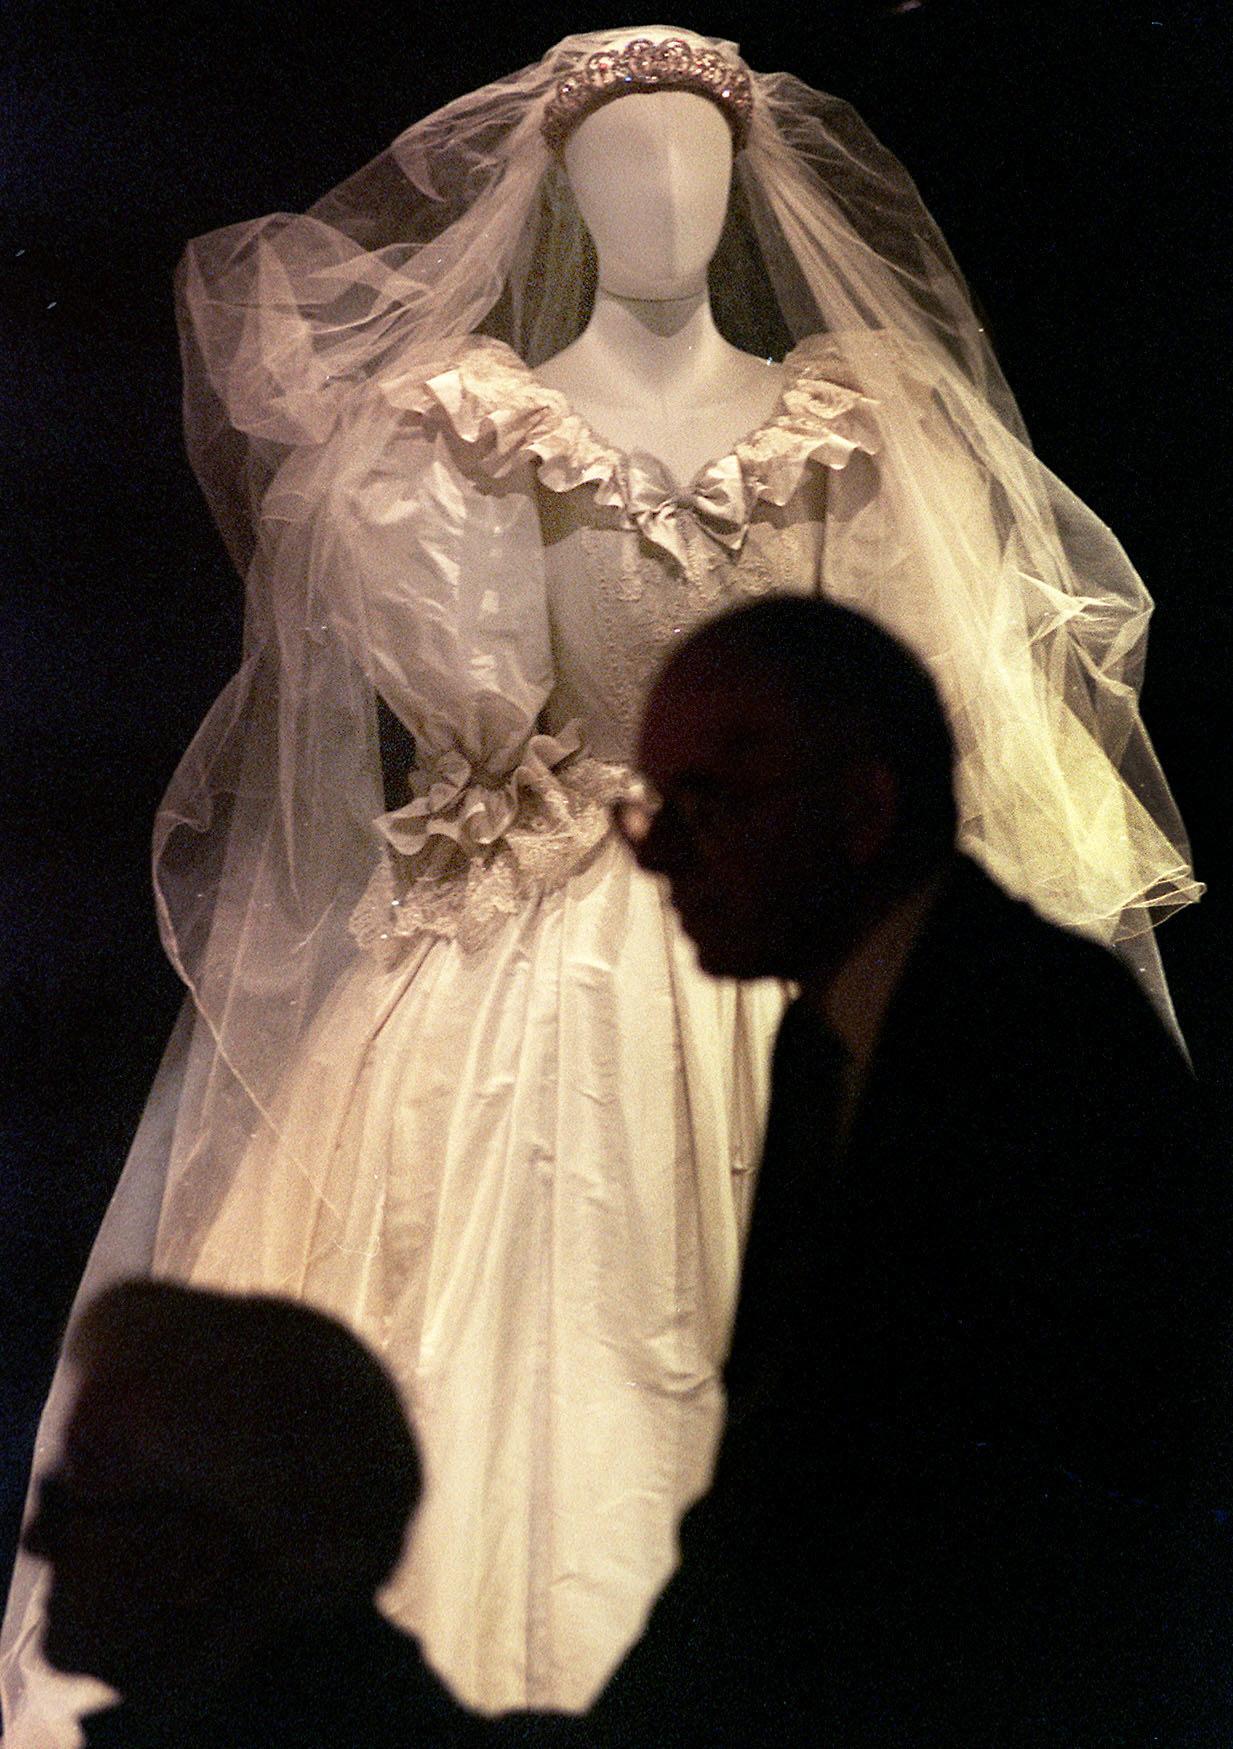 ccdbd99e83c9 L abito da sposa di Lady D in eredità ai figli William ed Harry (FOTO) -  Photogallery - Rai News